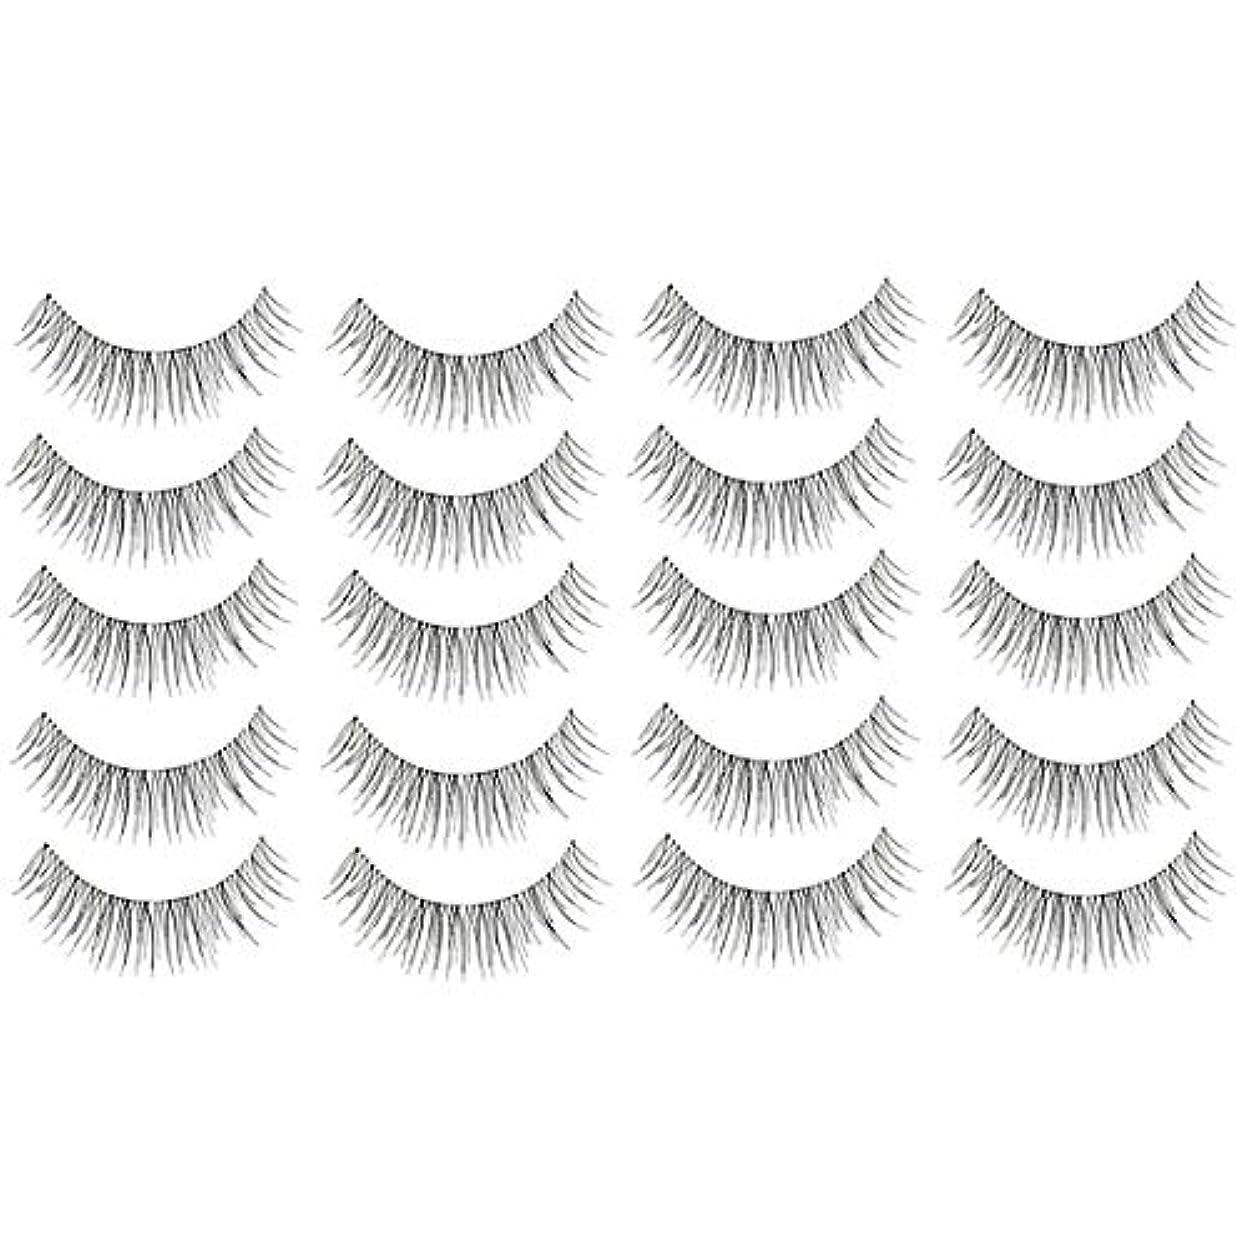 木曜日分類振りかける美容アクセサリー 10ペア217クリスクロス透明なステムナチュラルメイクアップラッシュチャーミングな長いシックな黒い偽のまつげ 写真美容アクセサリー